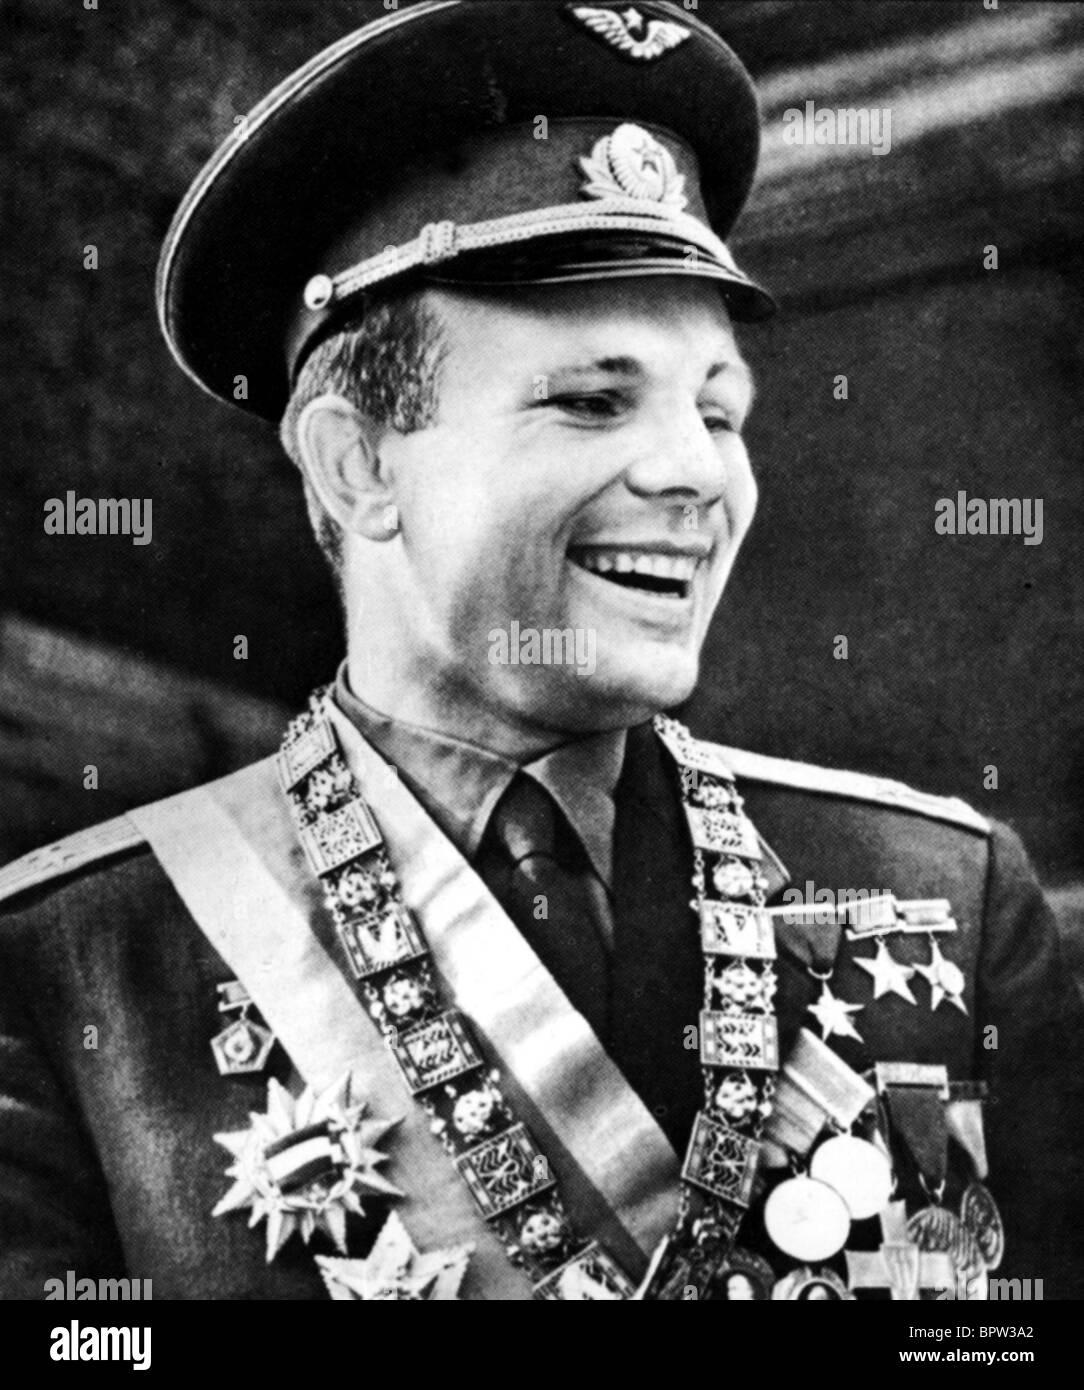 YURI GAGARIN RUSSIAN COSMONAUT 16 January 1962 - Stock Image